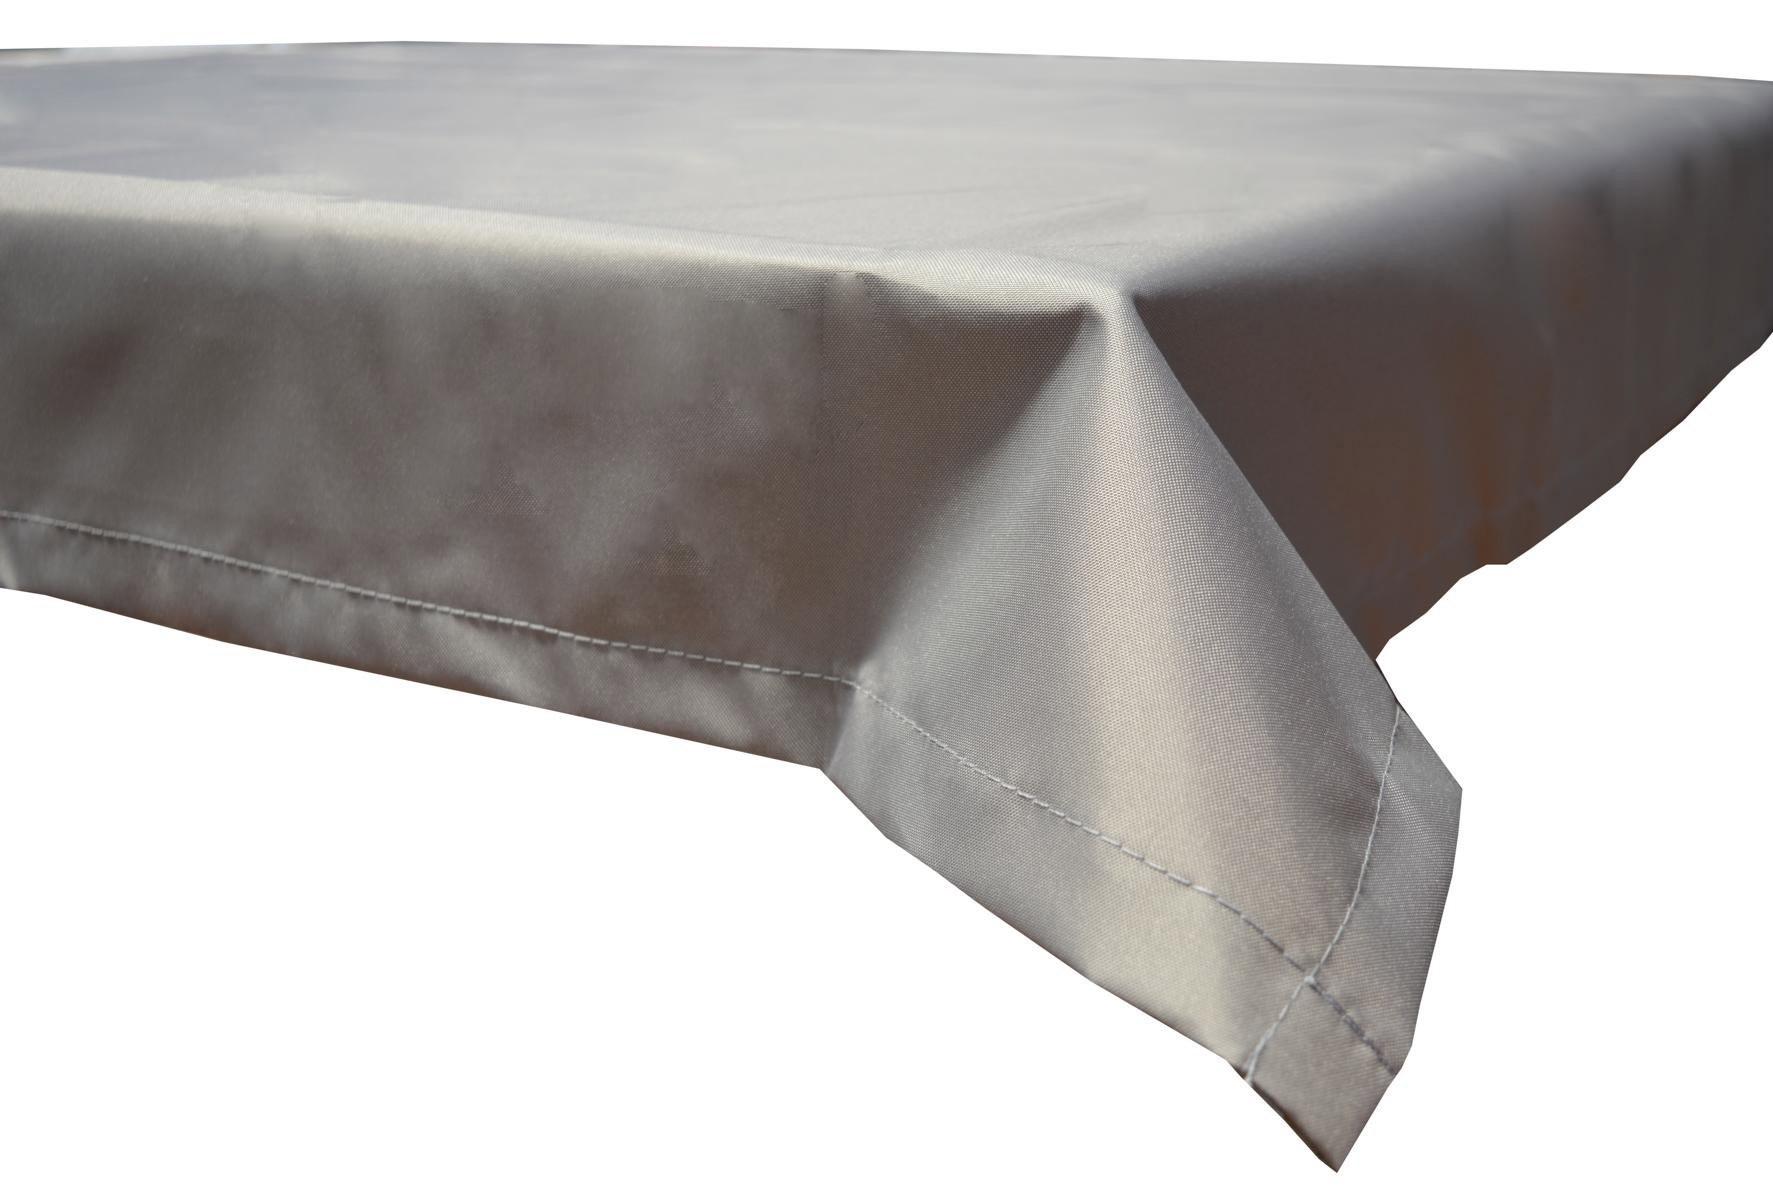 Tischdecke Beo Polyester wasserabweisend 76x76cm Dessin PY301 hellgrau Bild 1